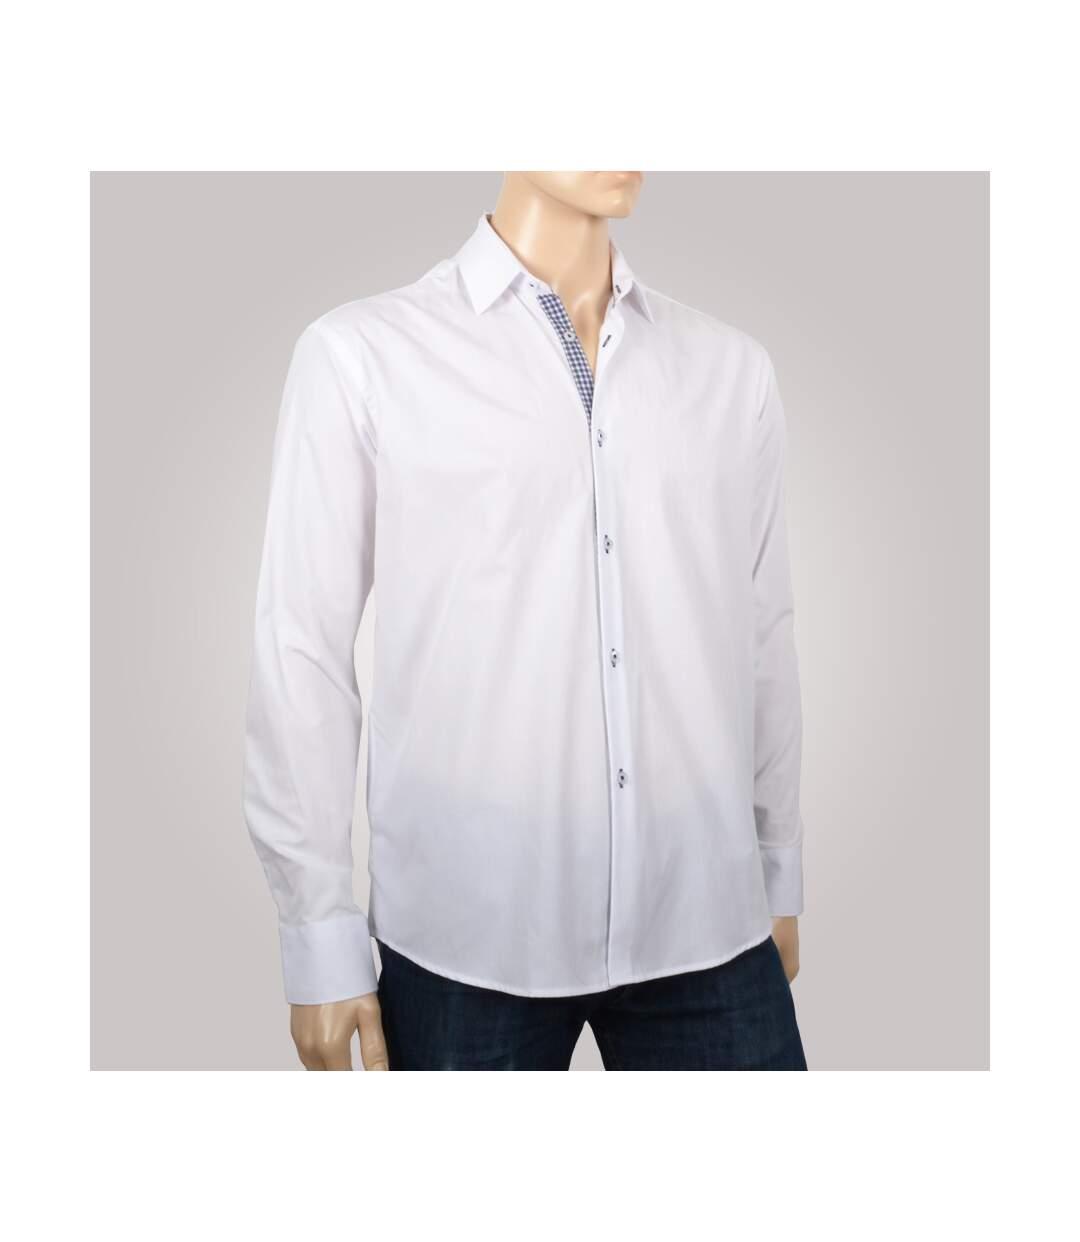 Chemise homme blanche duo carreaux bleu gris - Chemise NON CINTRÉE